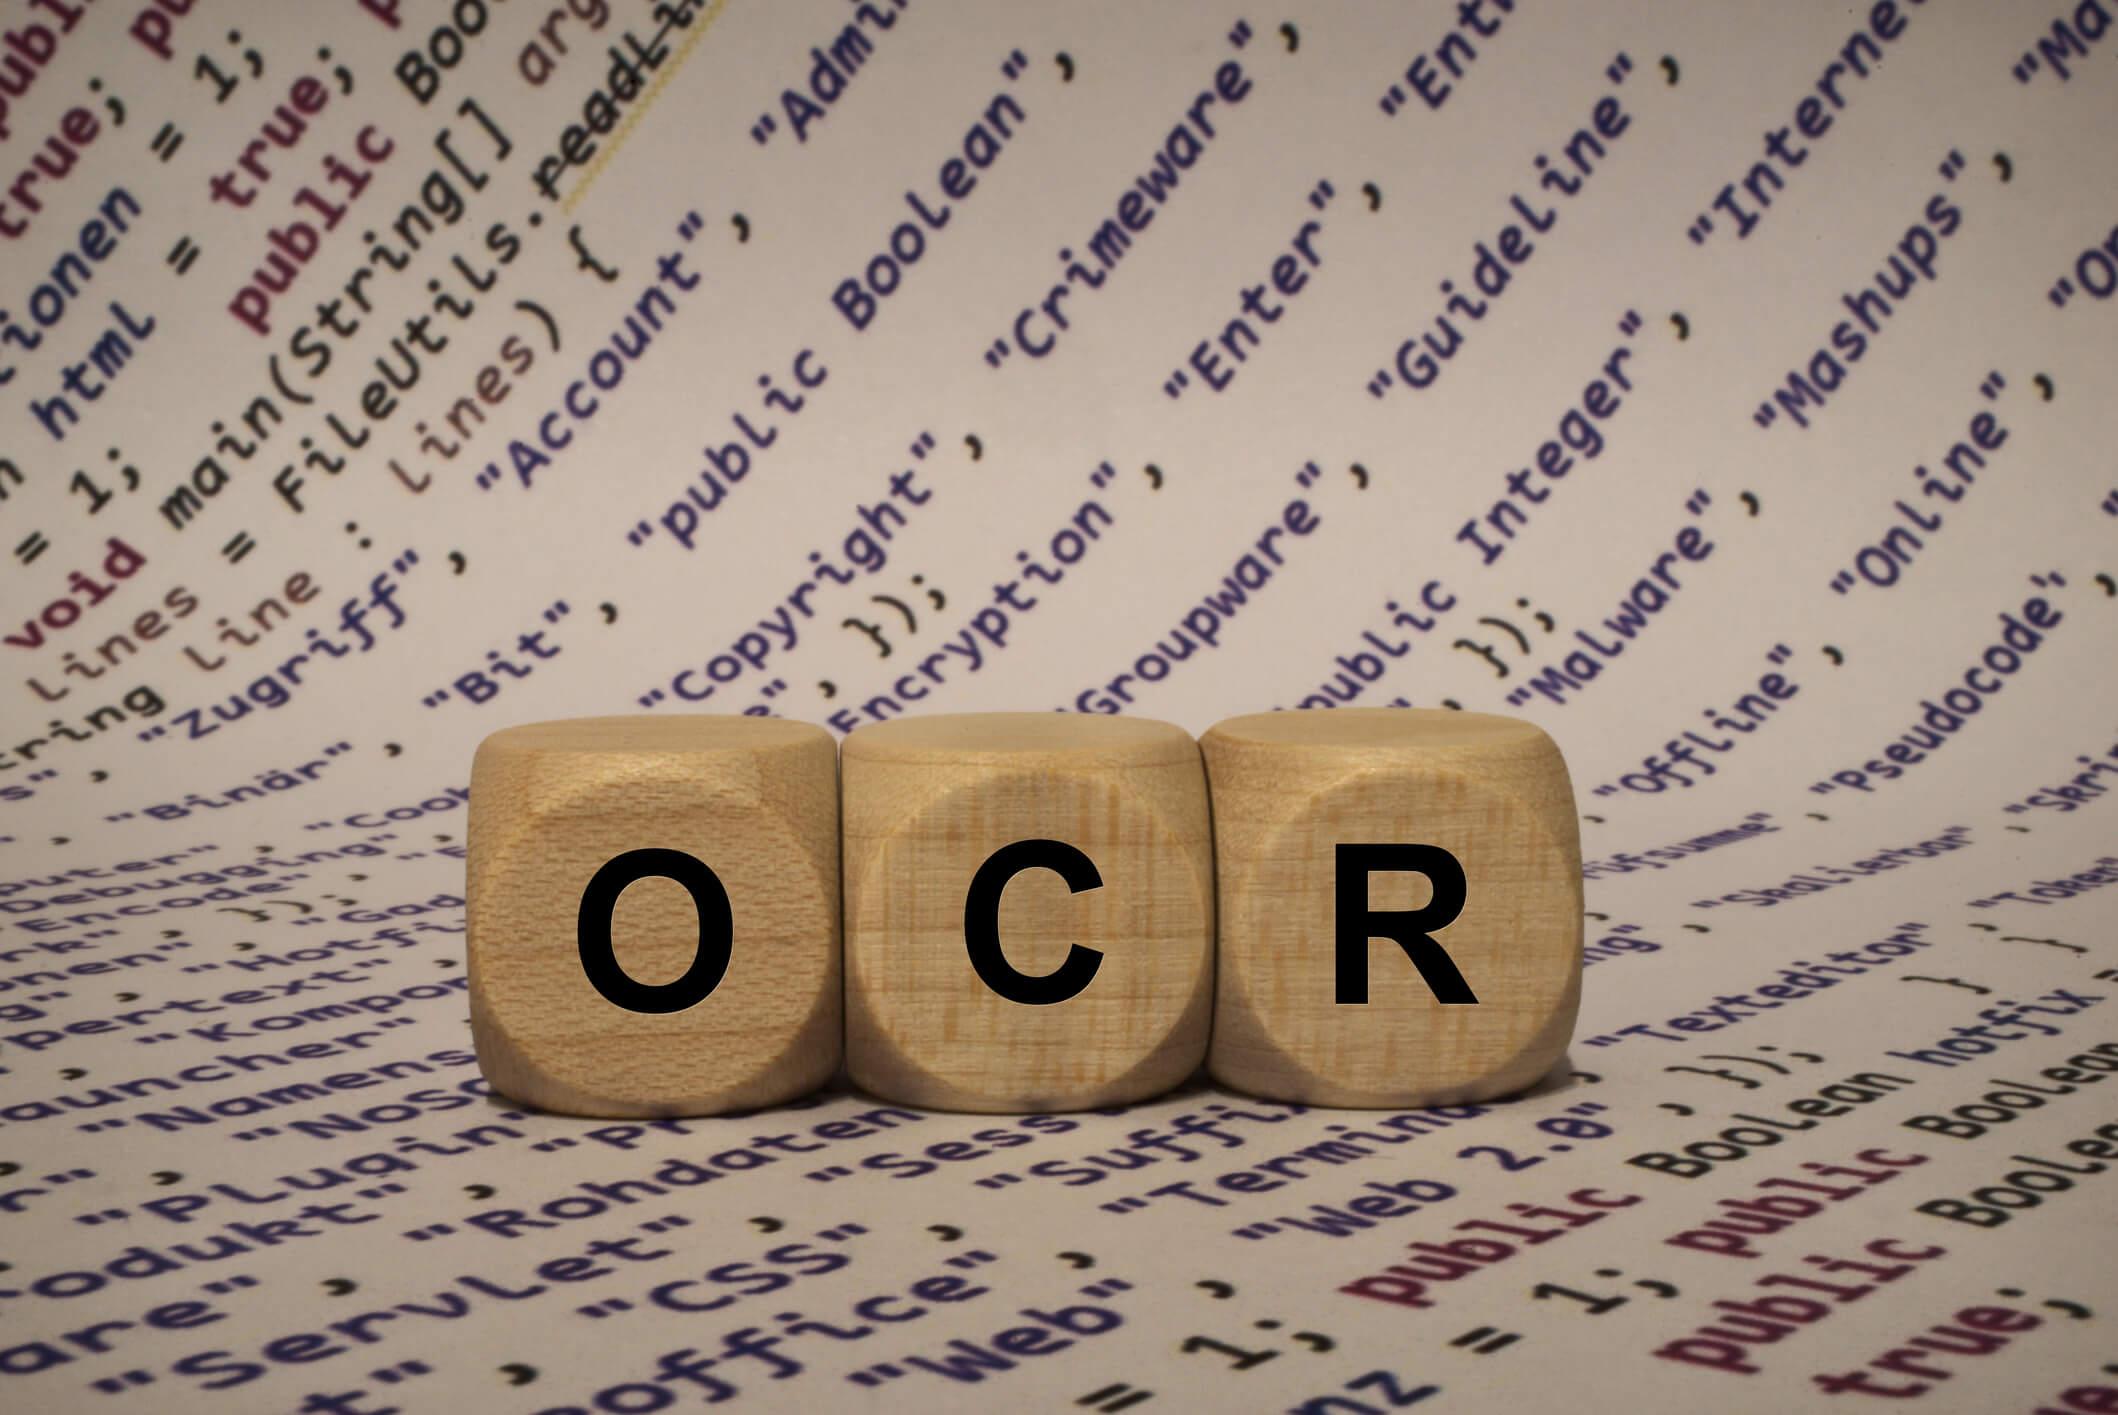 Reconhecimento ótico de caracteres (OCR): o que é, como funciona e mais!